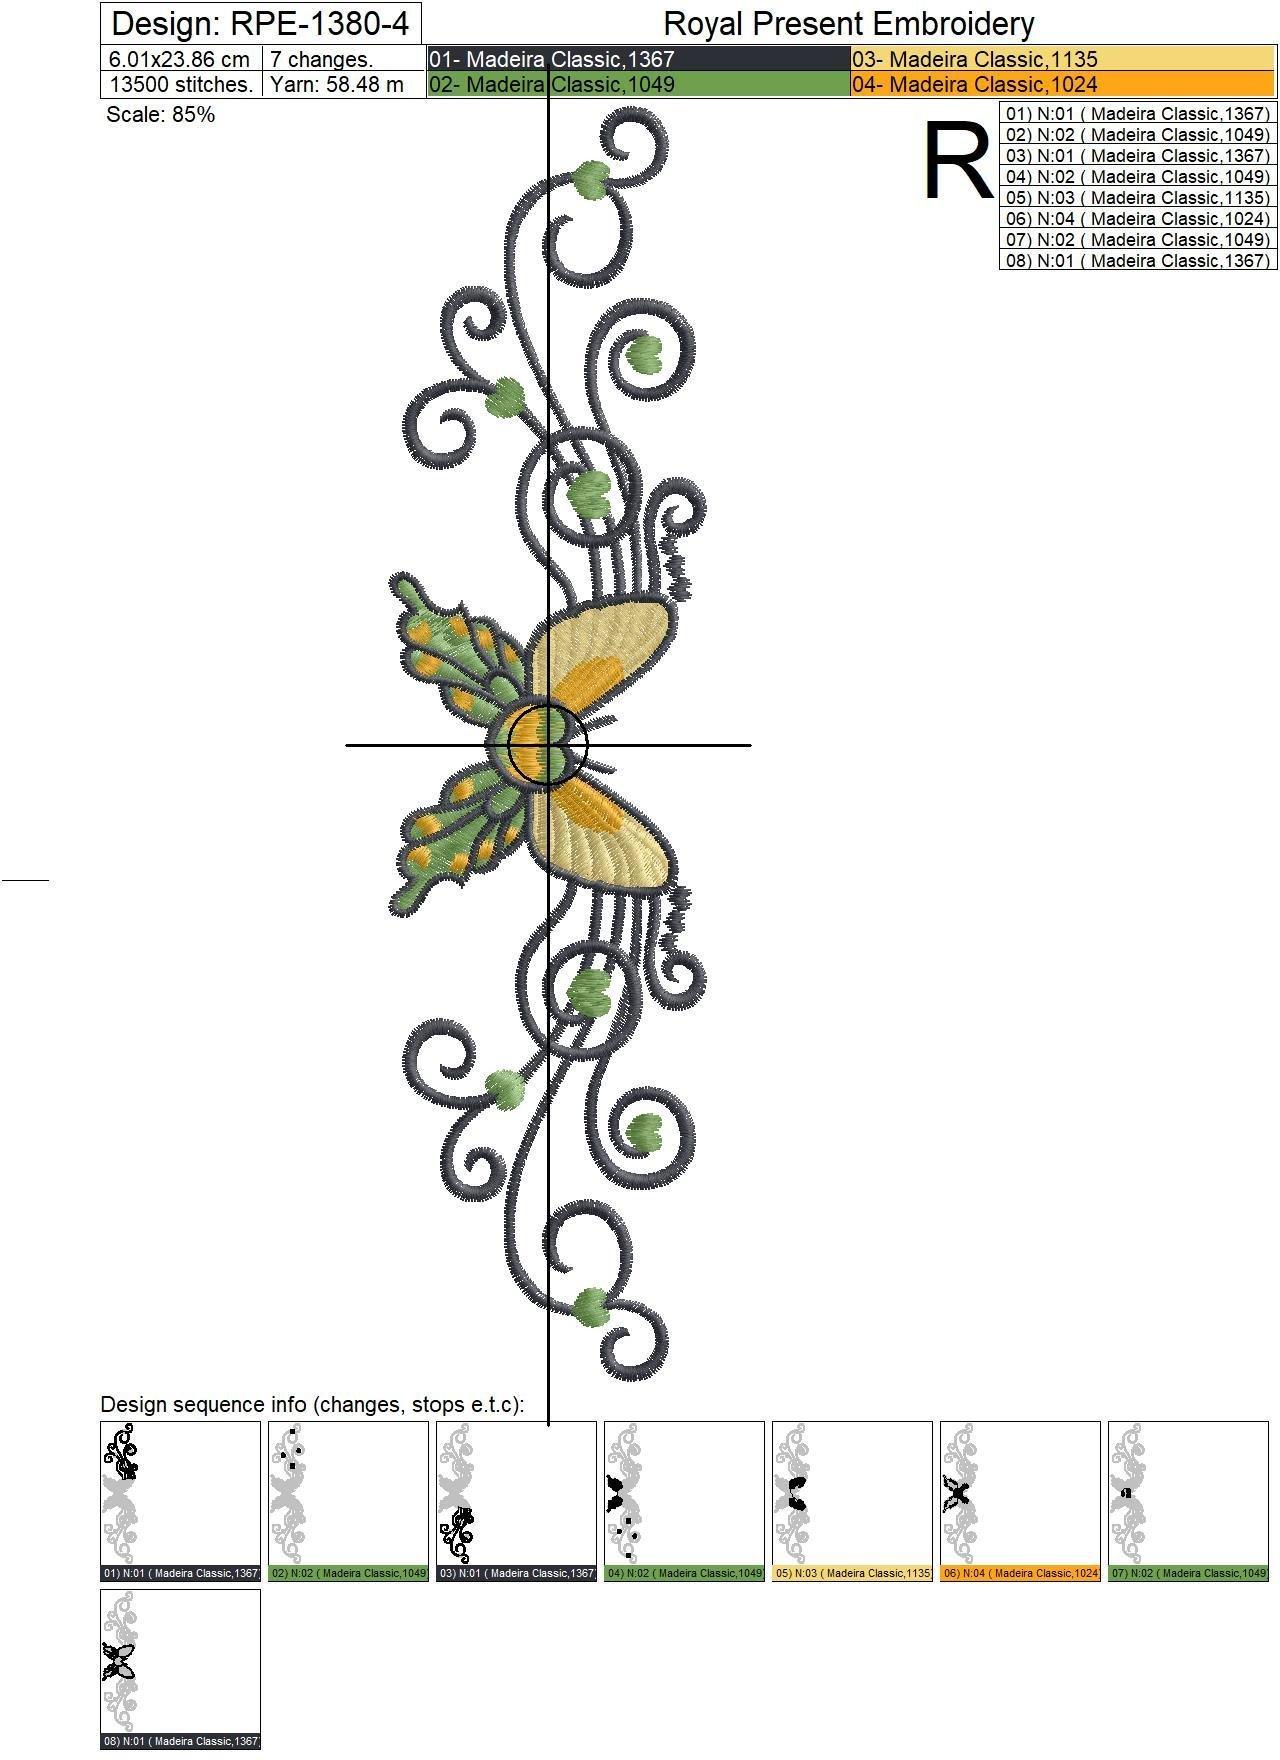 Дизайн для машинной вышивки Бабочка в тату стиле - 4 размера